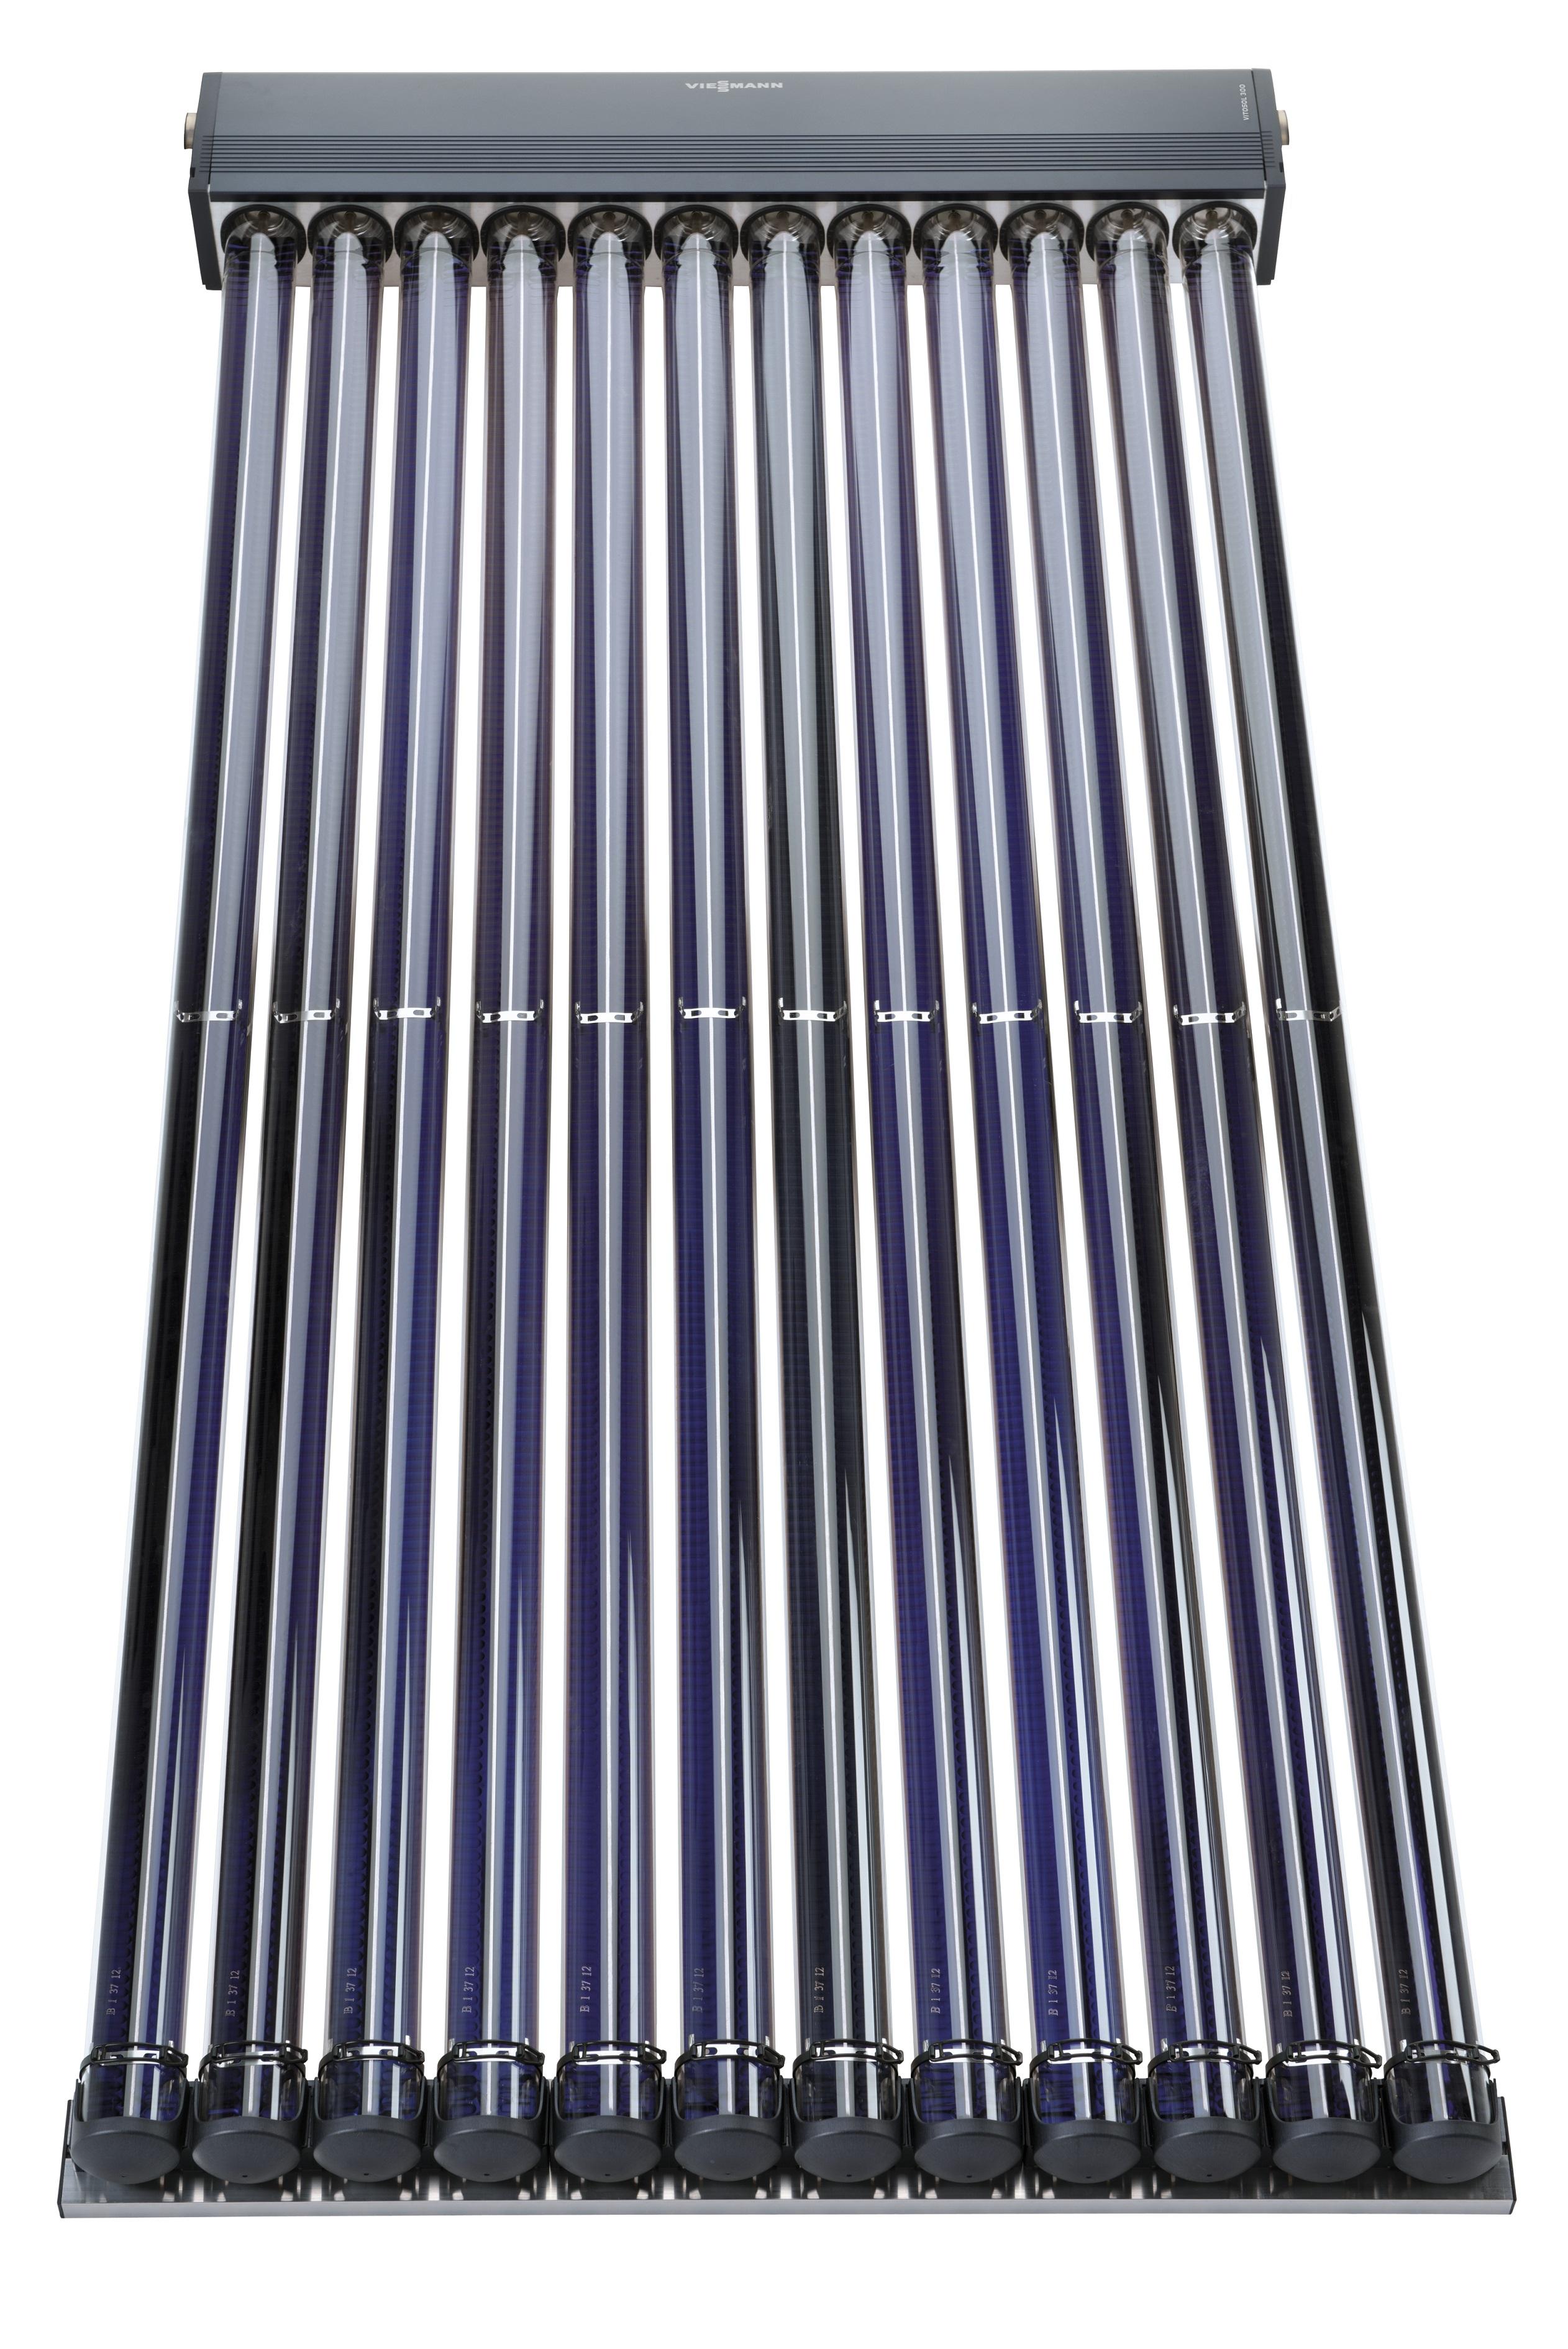 trubicový solární panel